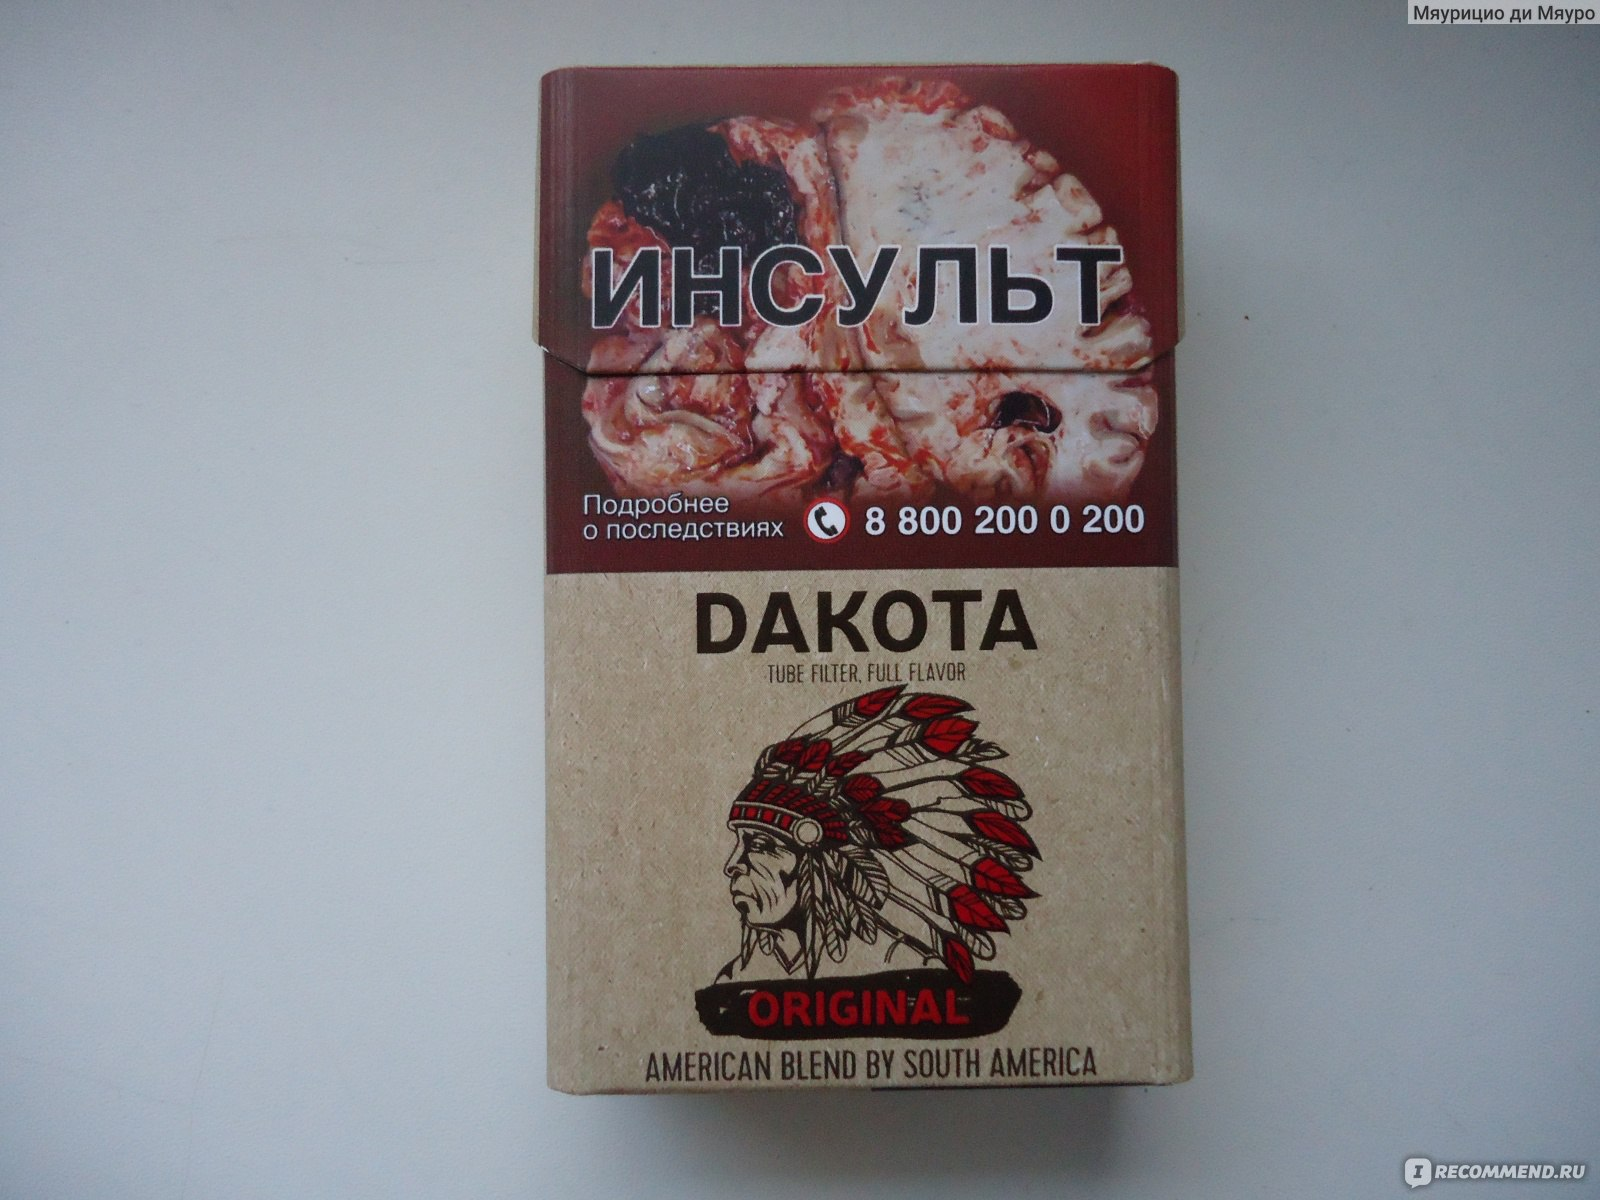 Сигареты dakota купить в спб электронные сигареты puff заказать